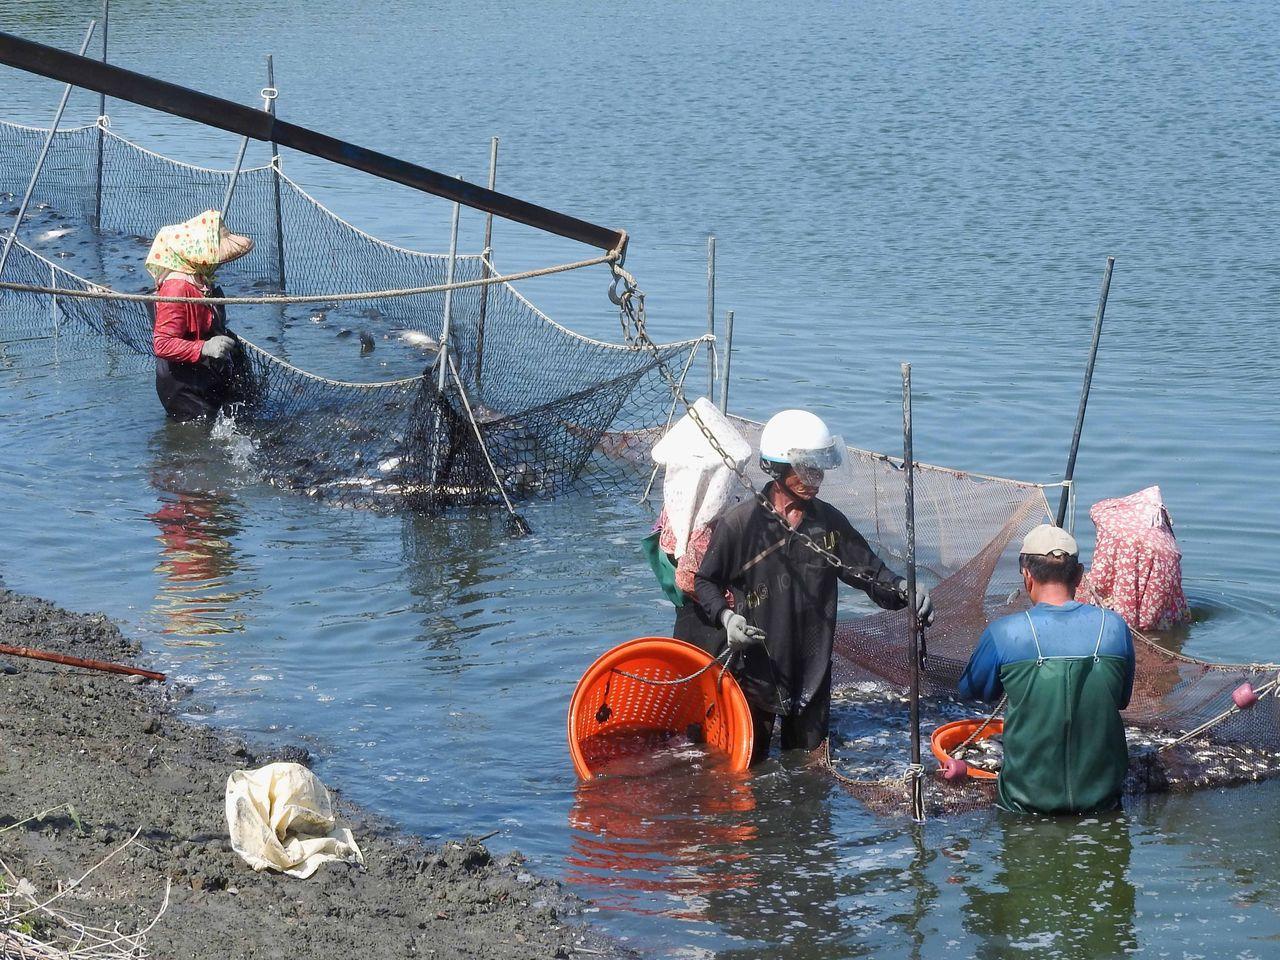 漁業界指養殖業近年外銷失利悶了很久,這股民怨讓民進黨選票掉很多。 圖/聯合報系資...